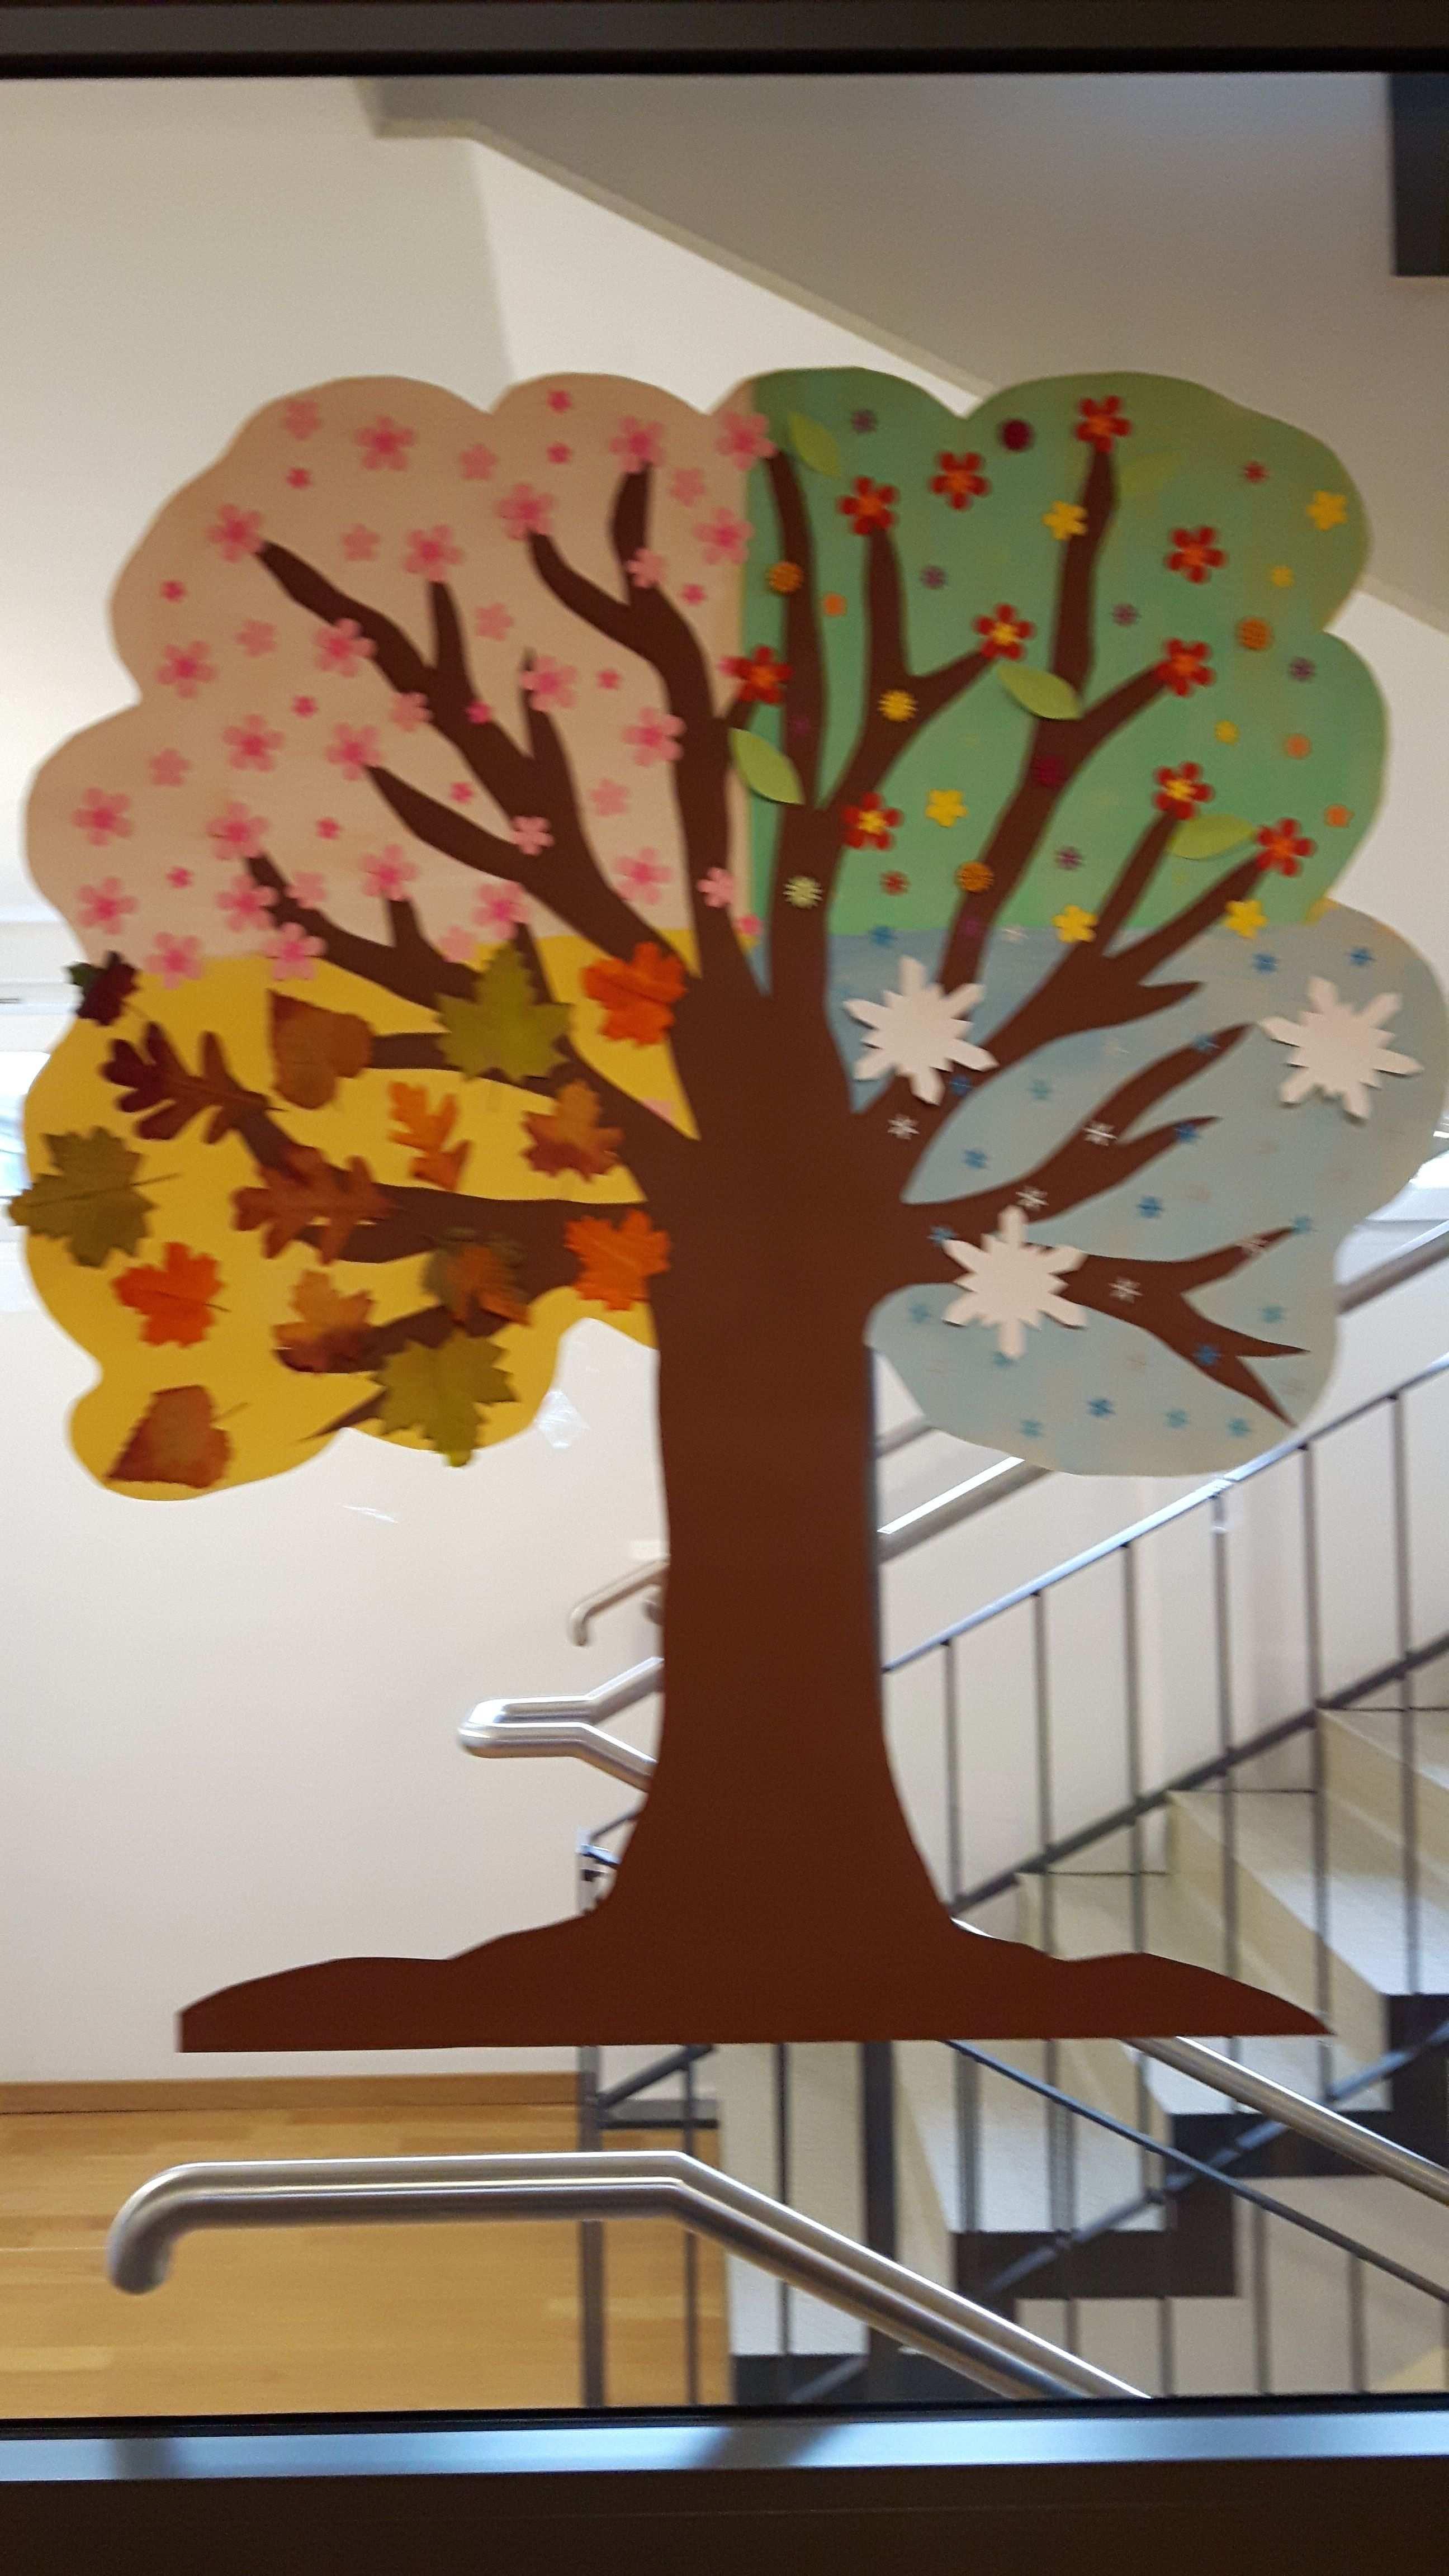 Jahreszeitenbaum Gestaltet Von Und Mit Demenzkranken Geburtstagskalender Kita Basteln Jahreszeitenbaum Geburtstagskalender Basteln